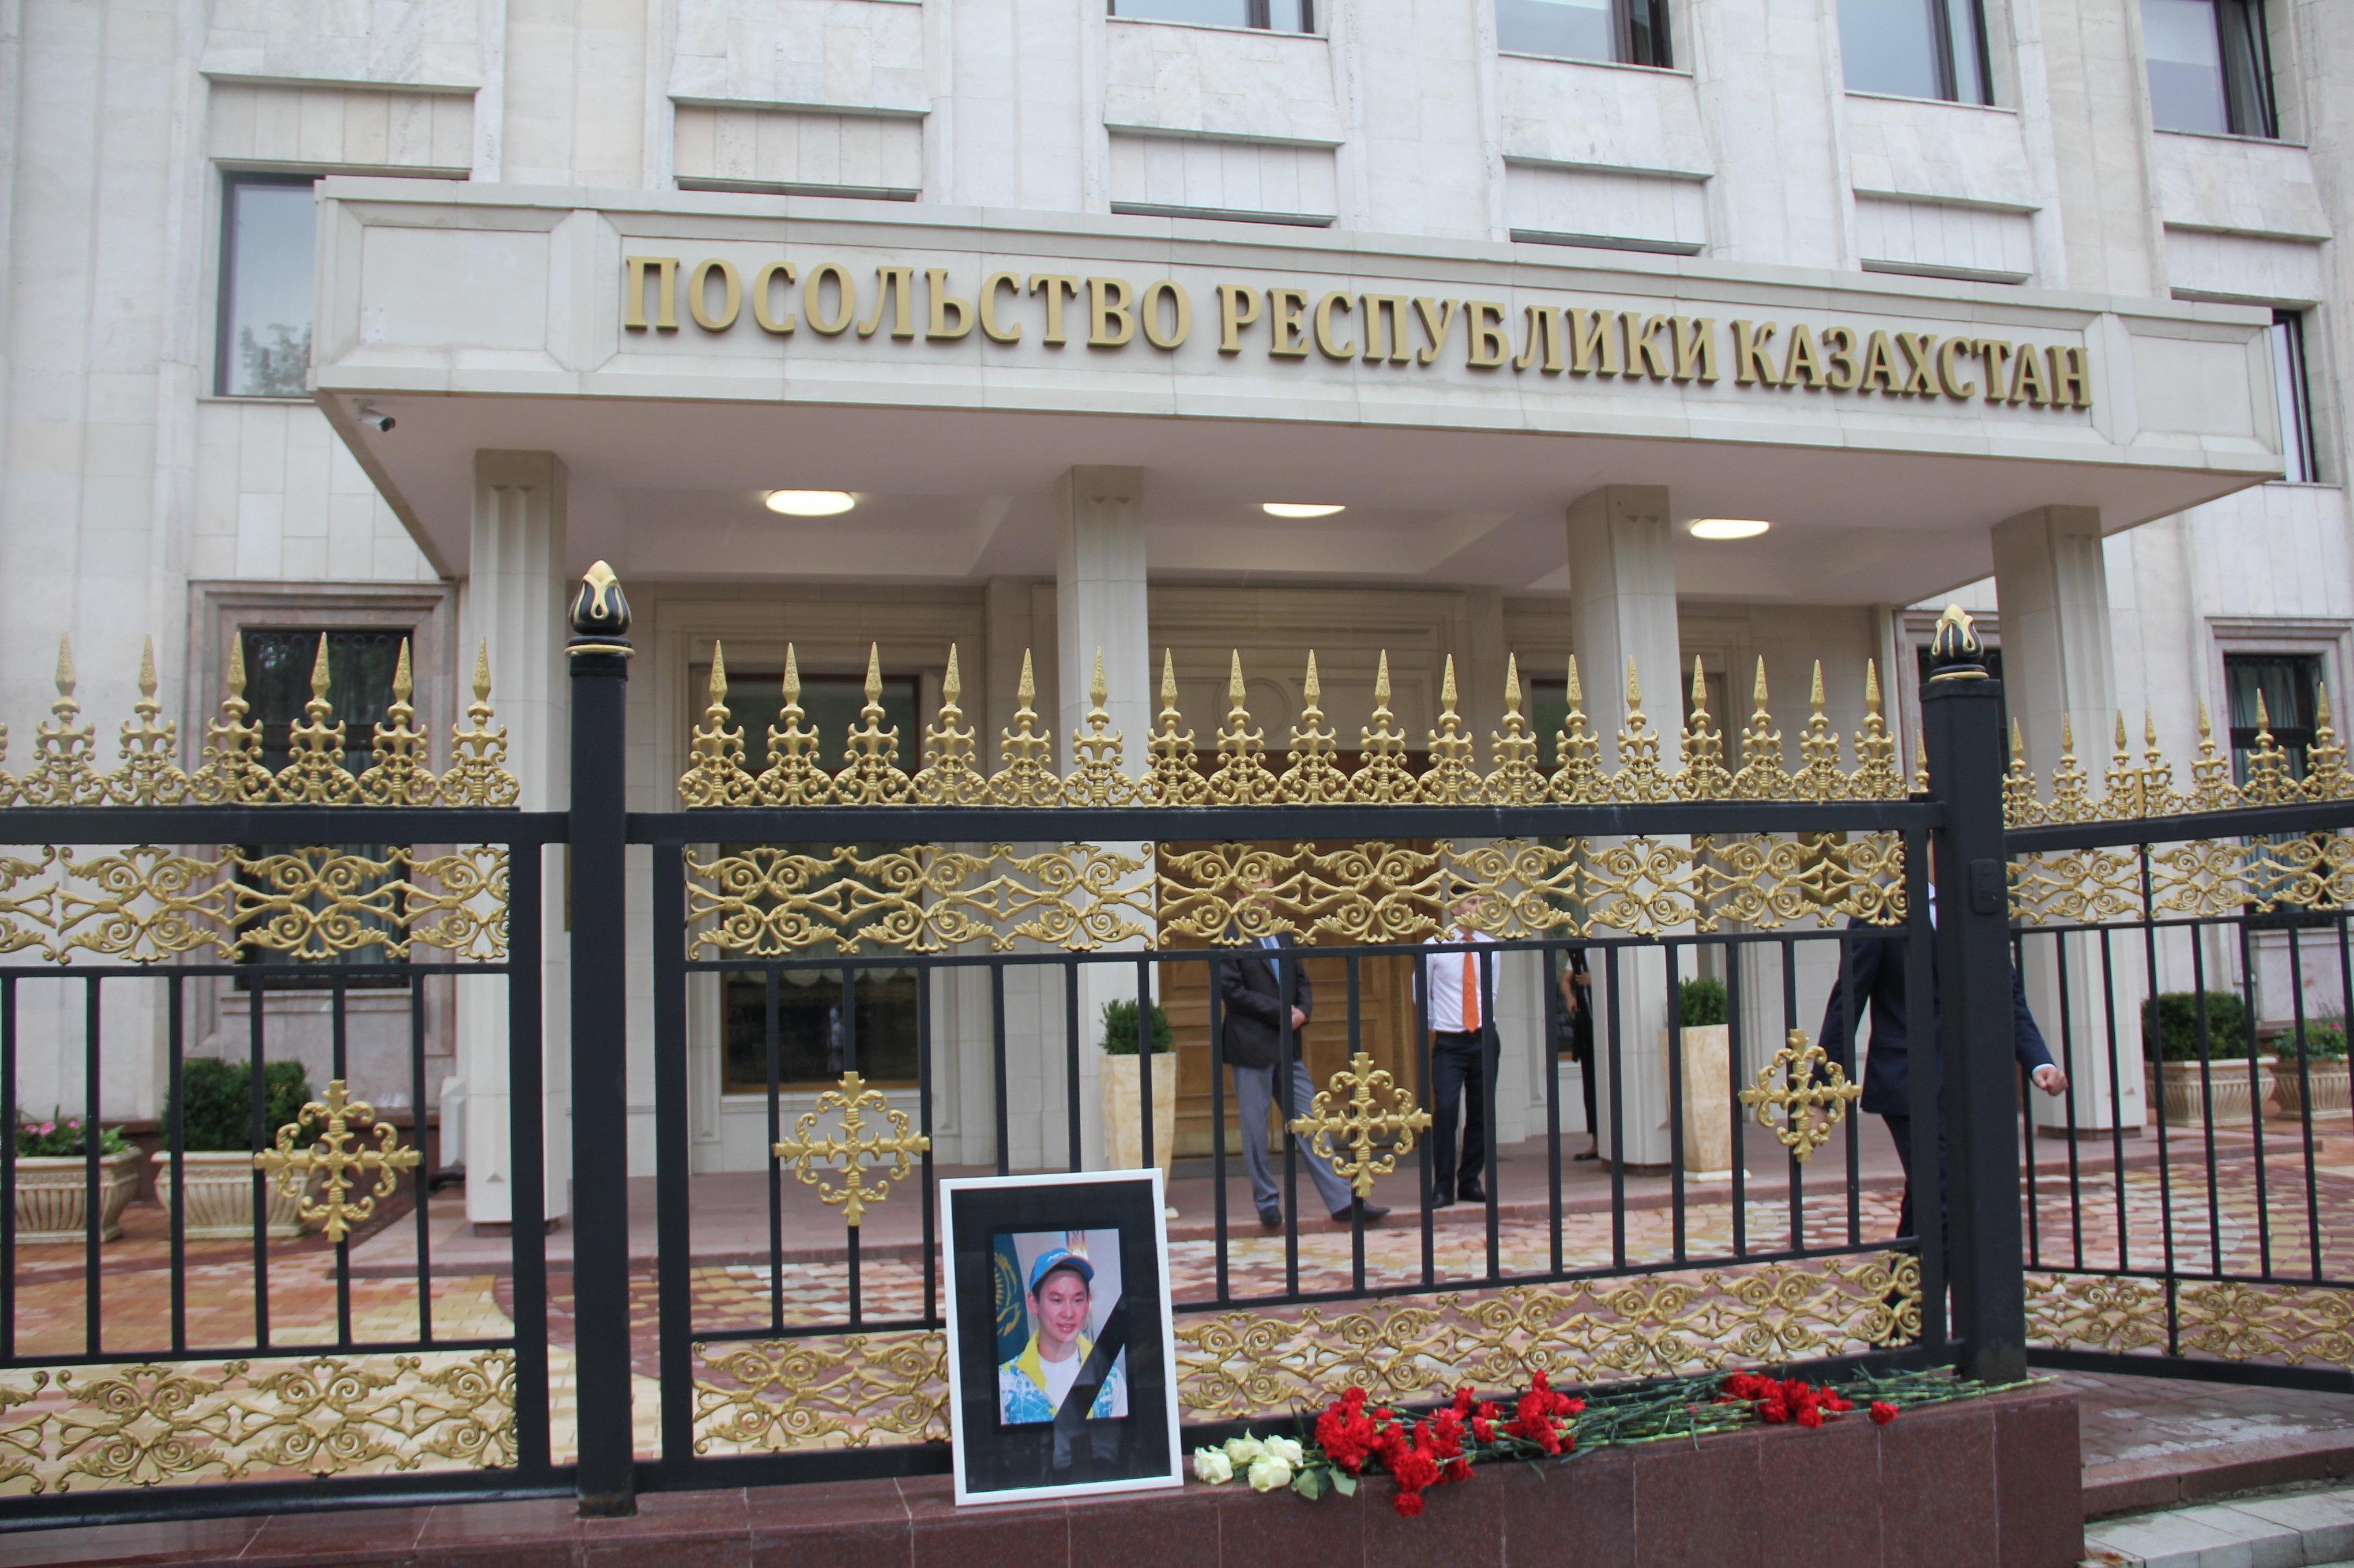 Акция в память о фигуристе Денисе Тене проходит у посольства Казахстана в Москве